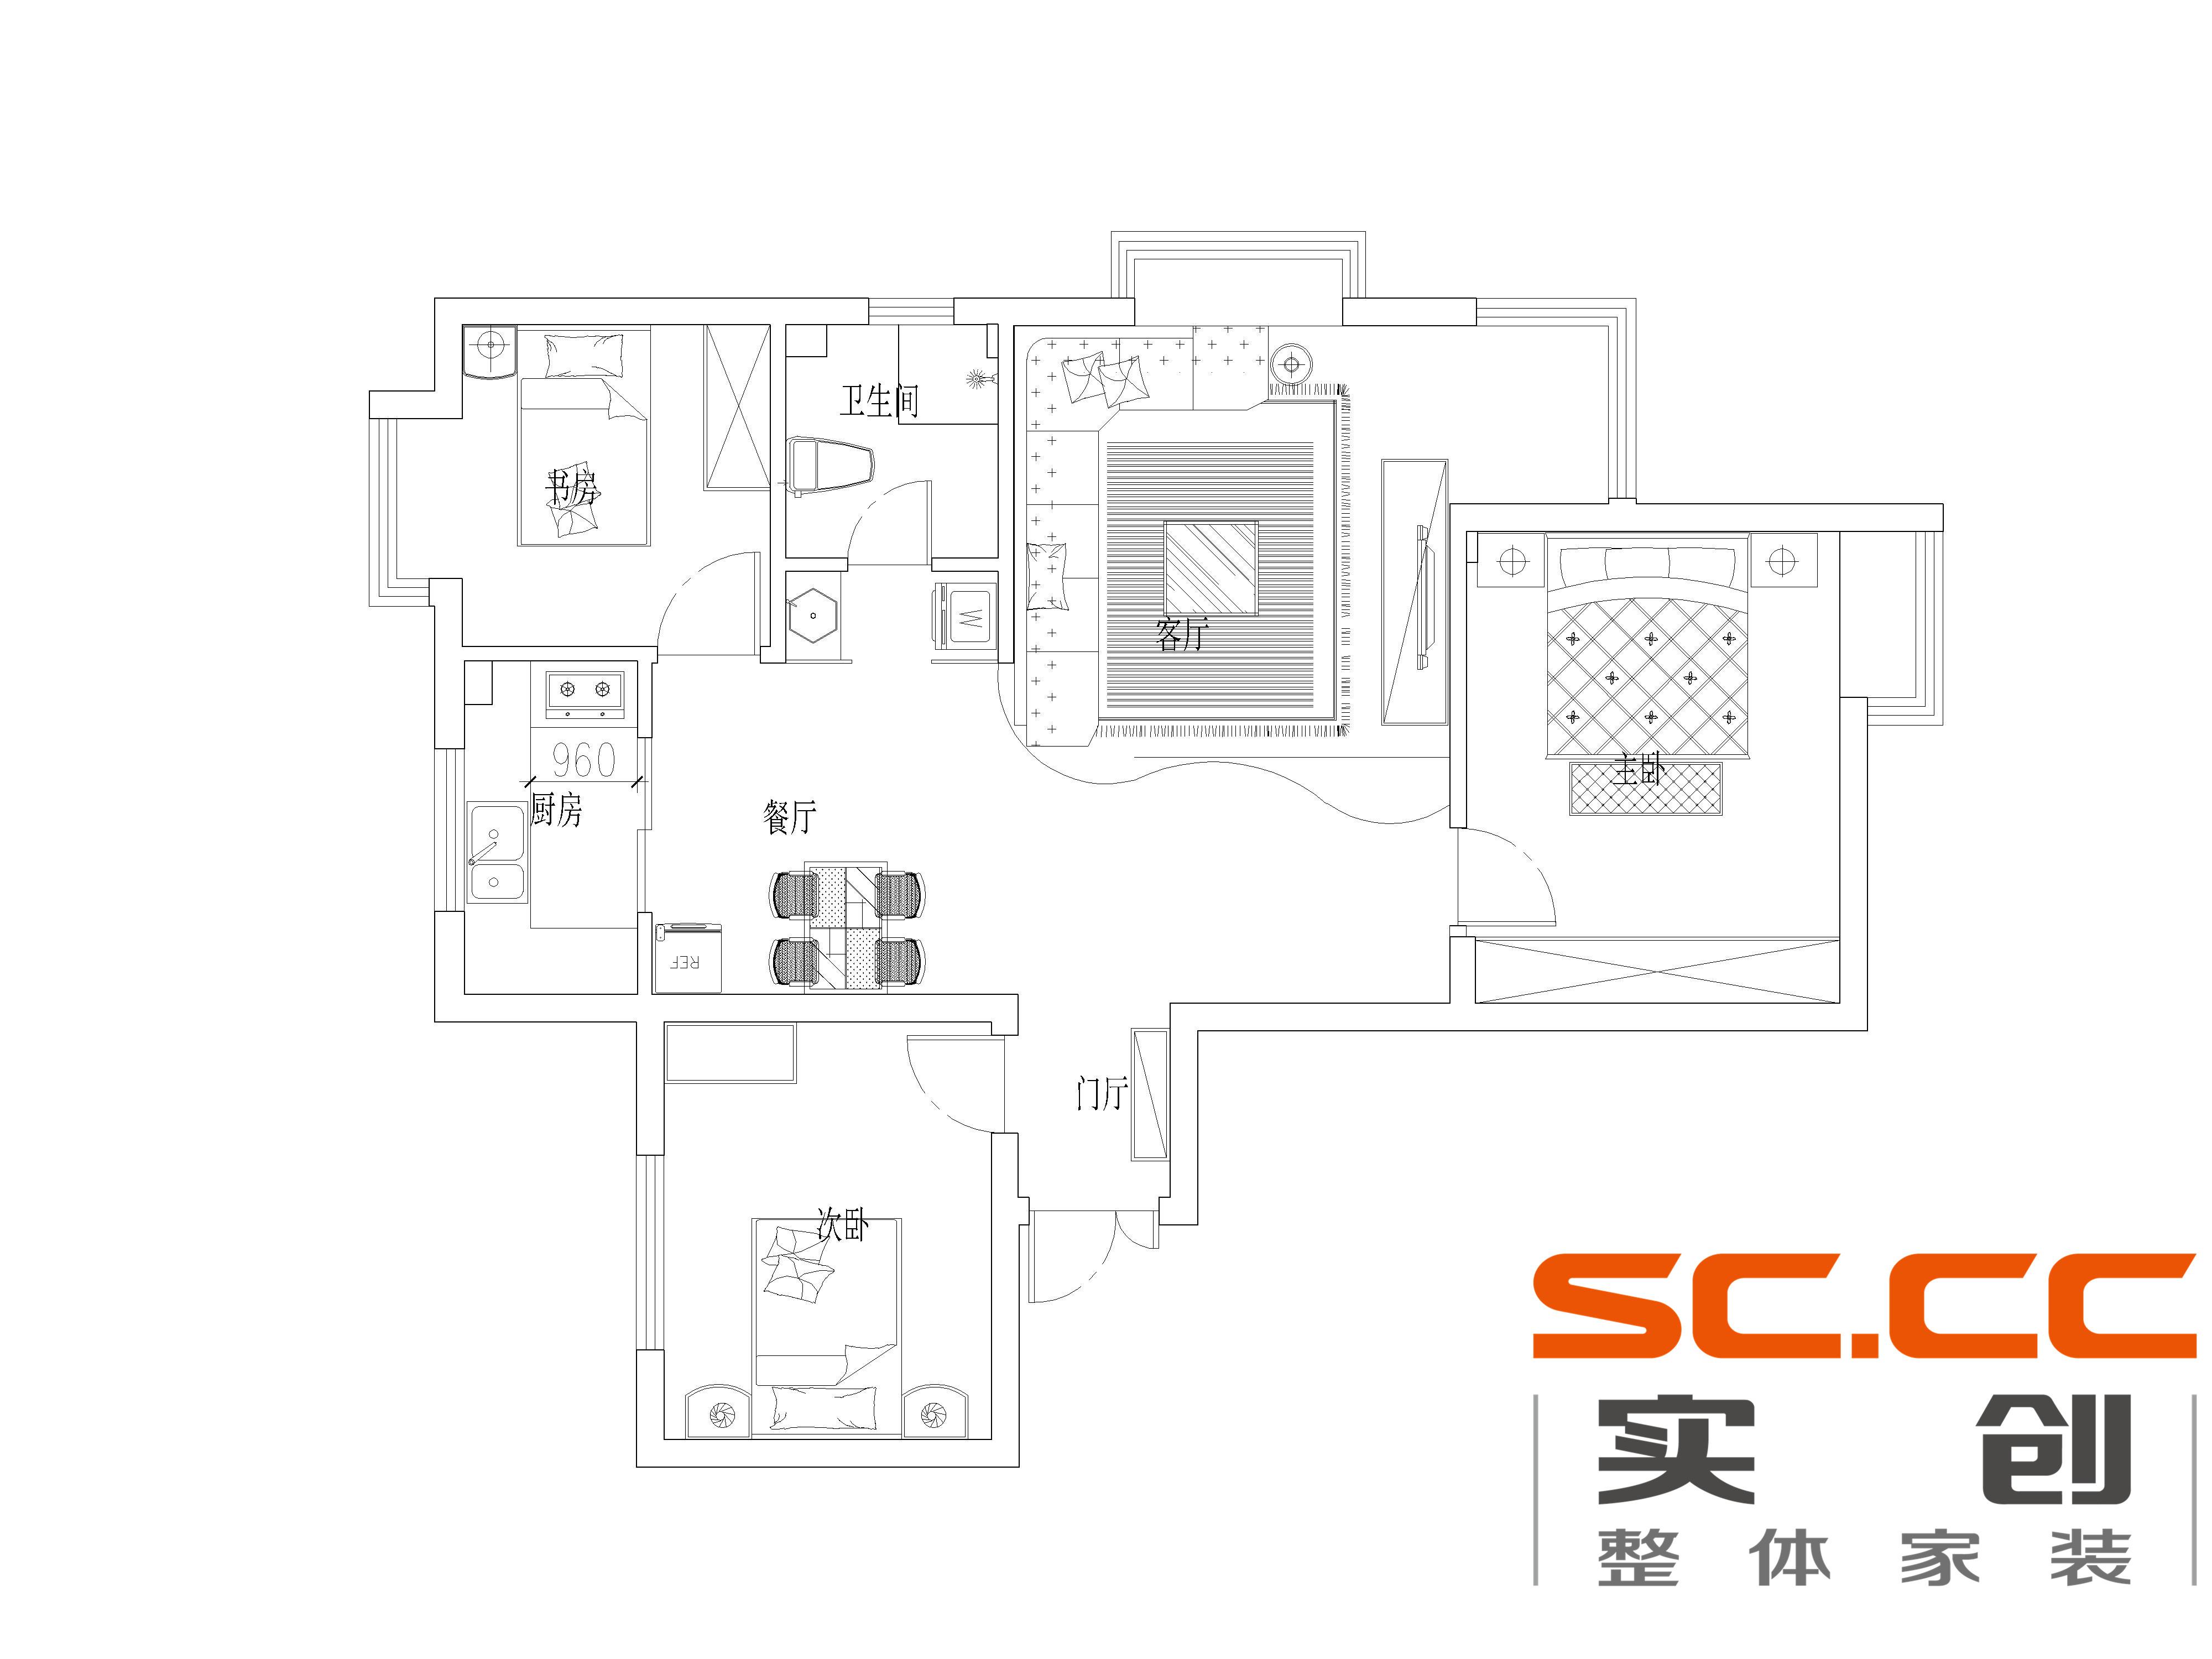 简约 三居 新房装修 东怡新地 户型图图片来自传承正能量在【东怡新地】118平米-简约风格的分享